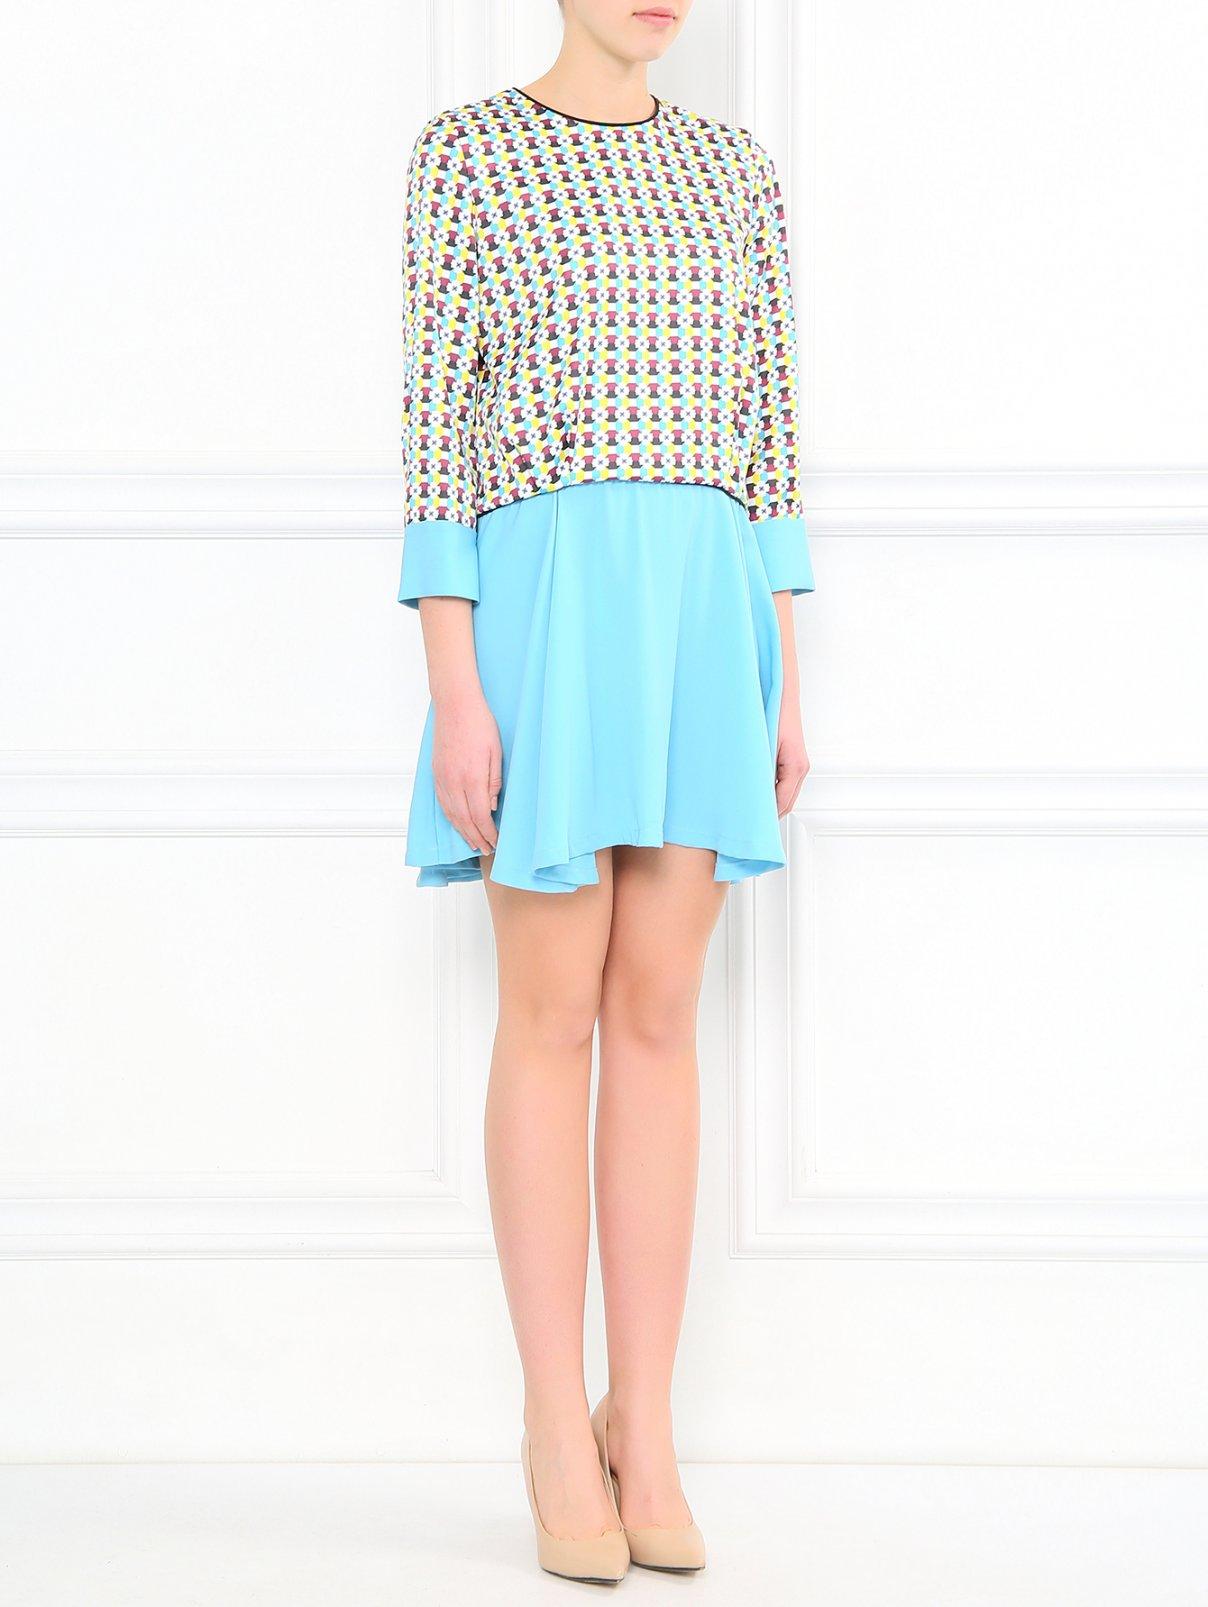 Платье-мини  с узором Mila Schon  –  Модель Общий вид  – Цвет:  Узор